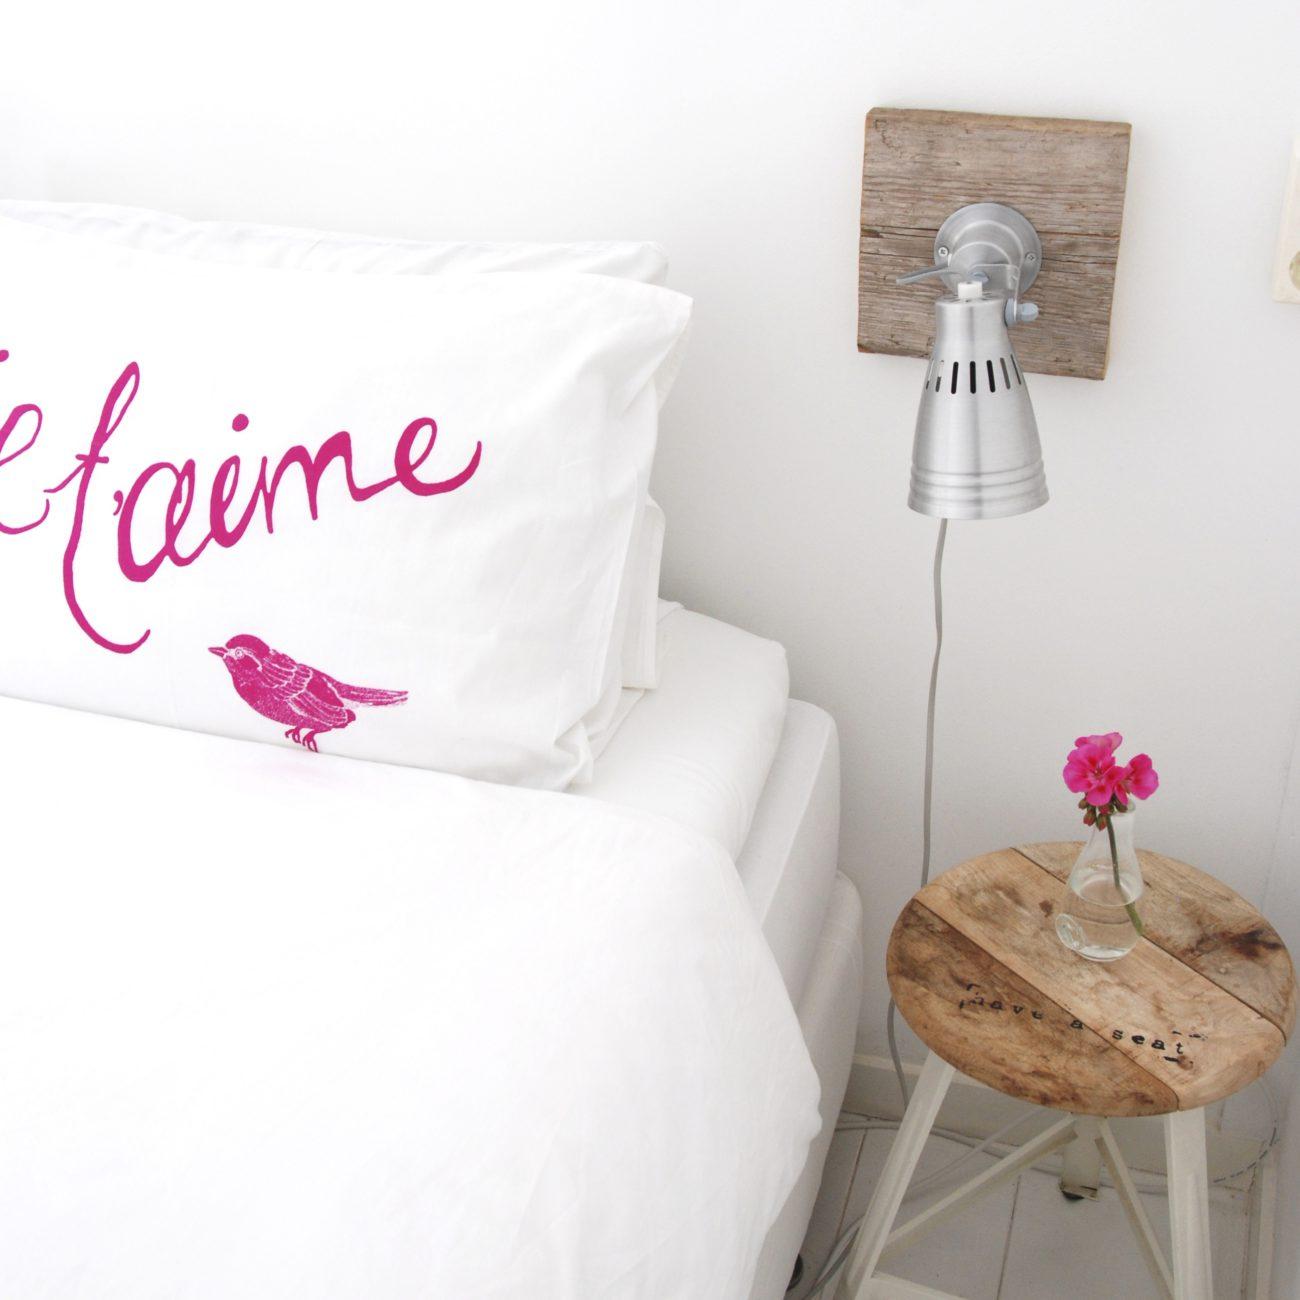 Bed met wit beddengoed met witte omgeving en hout accenten